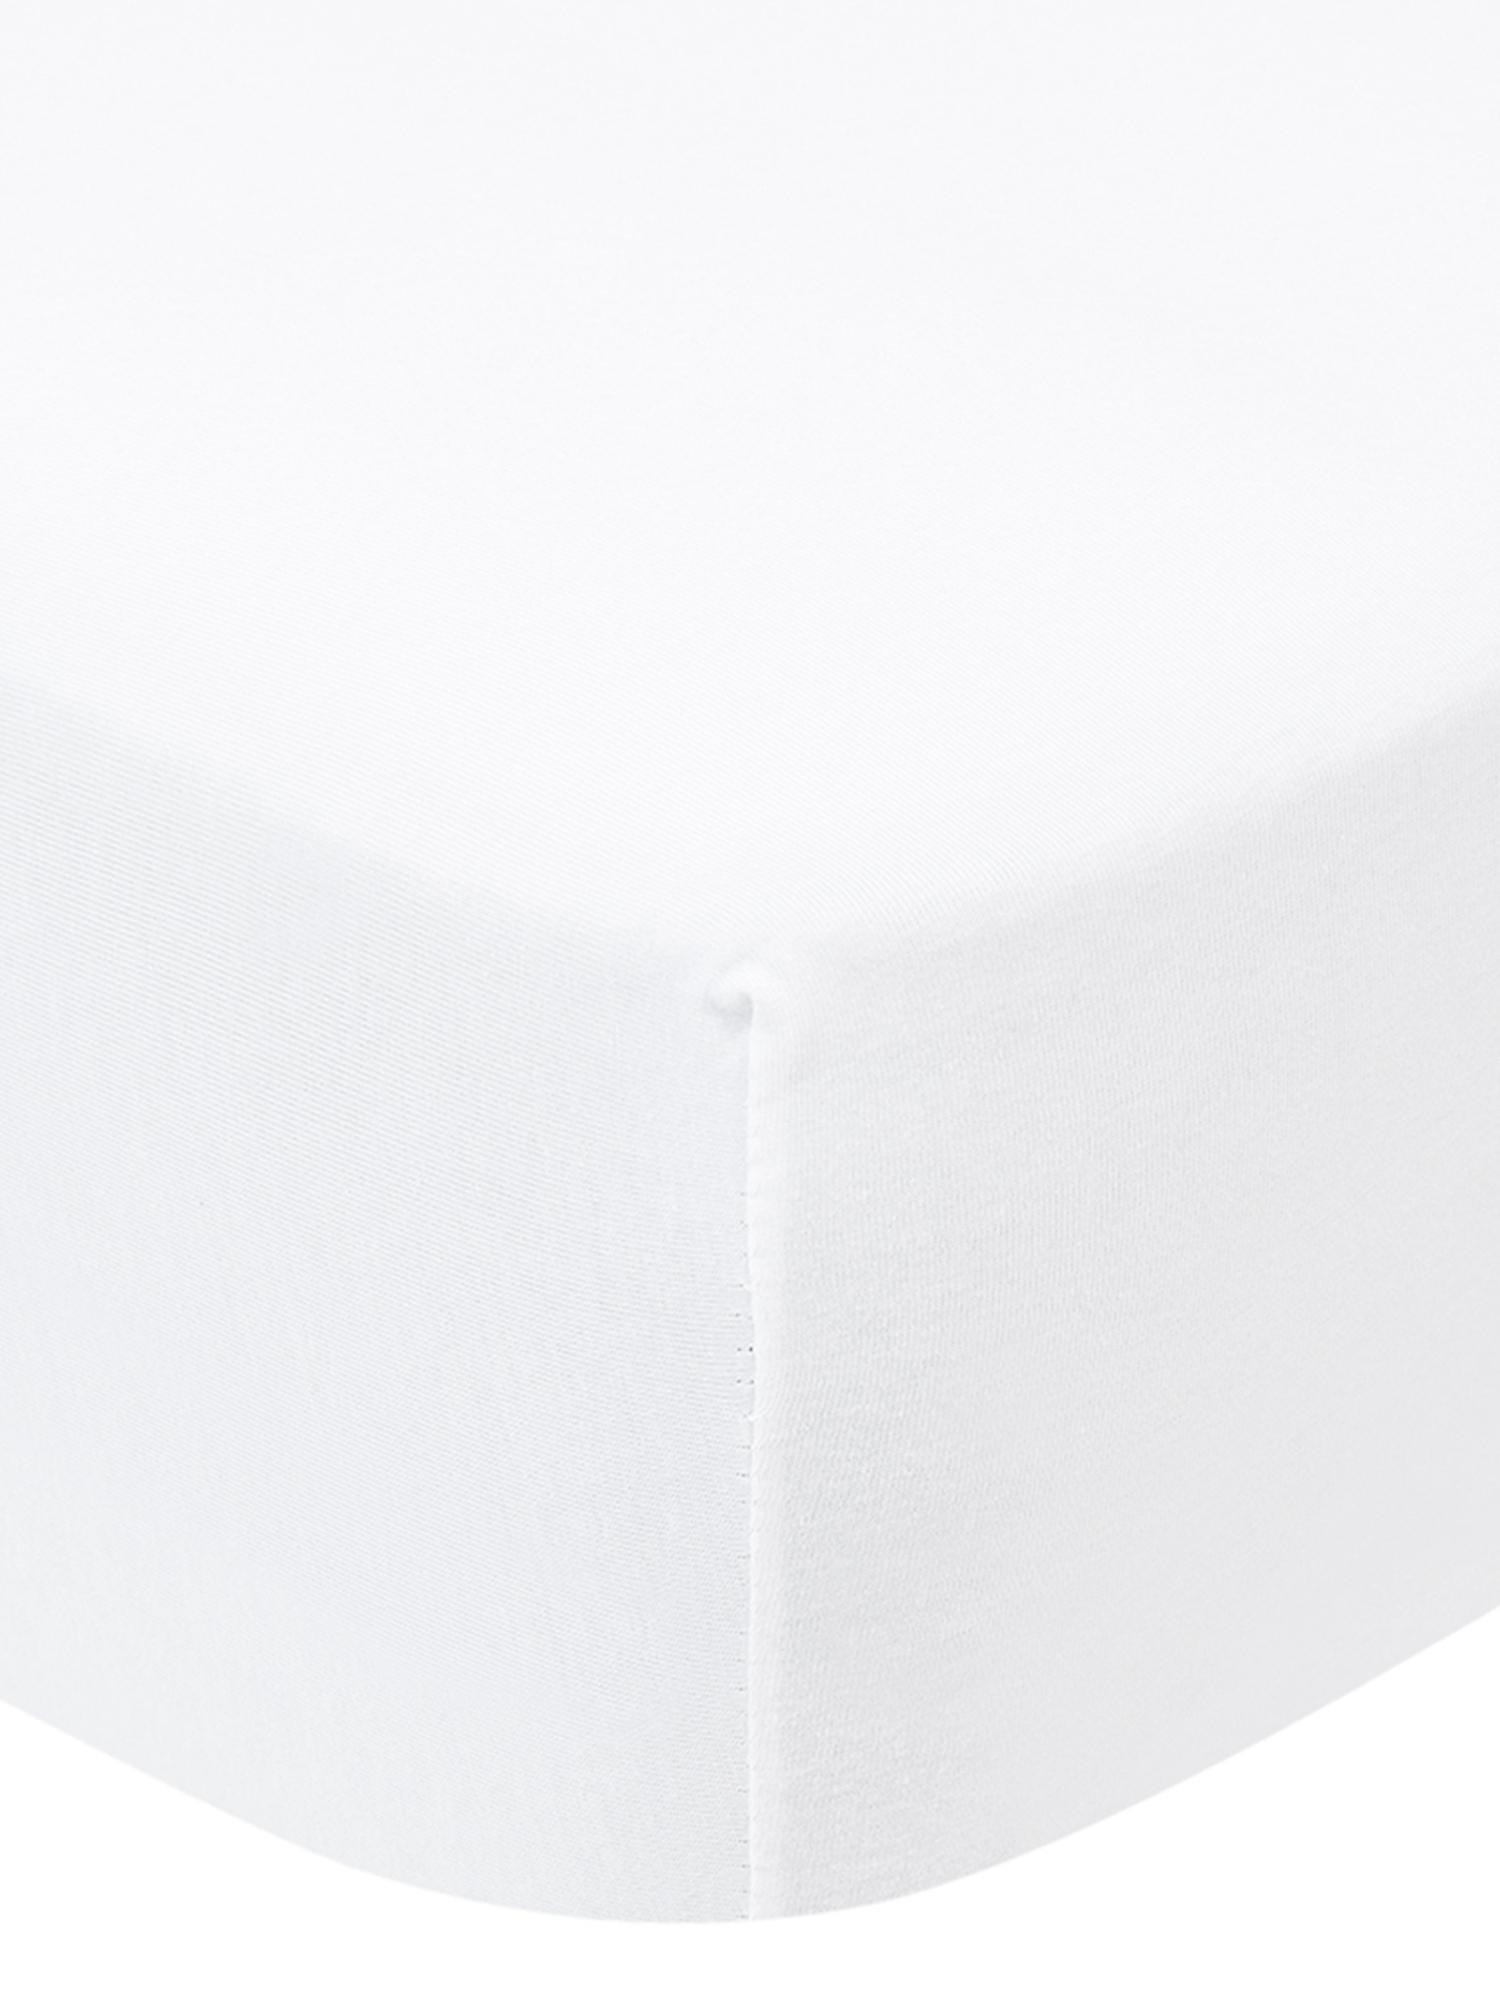 Prześcieradło z gumką z jerseyu Lara, 95% bawełna, 5% elastan, Biały, S 160 x D 200 cm